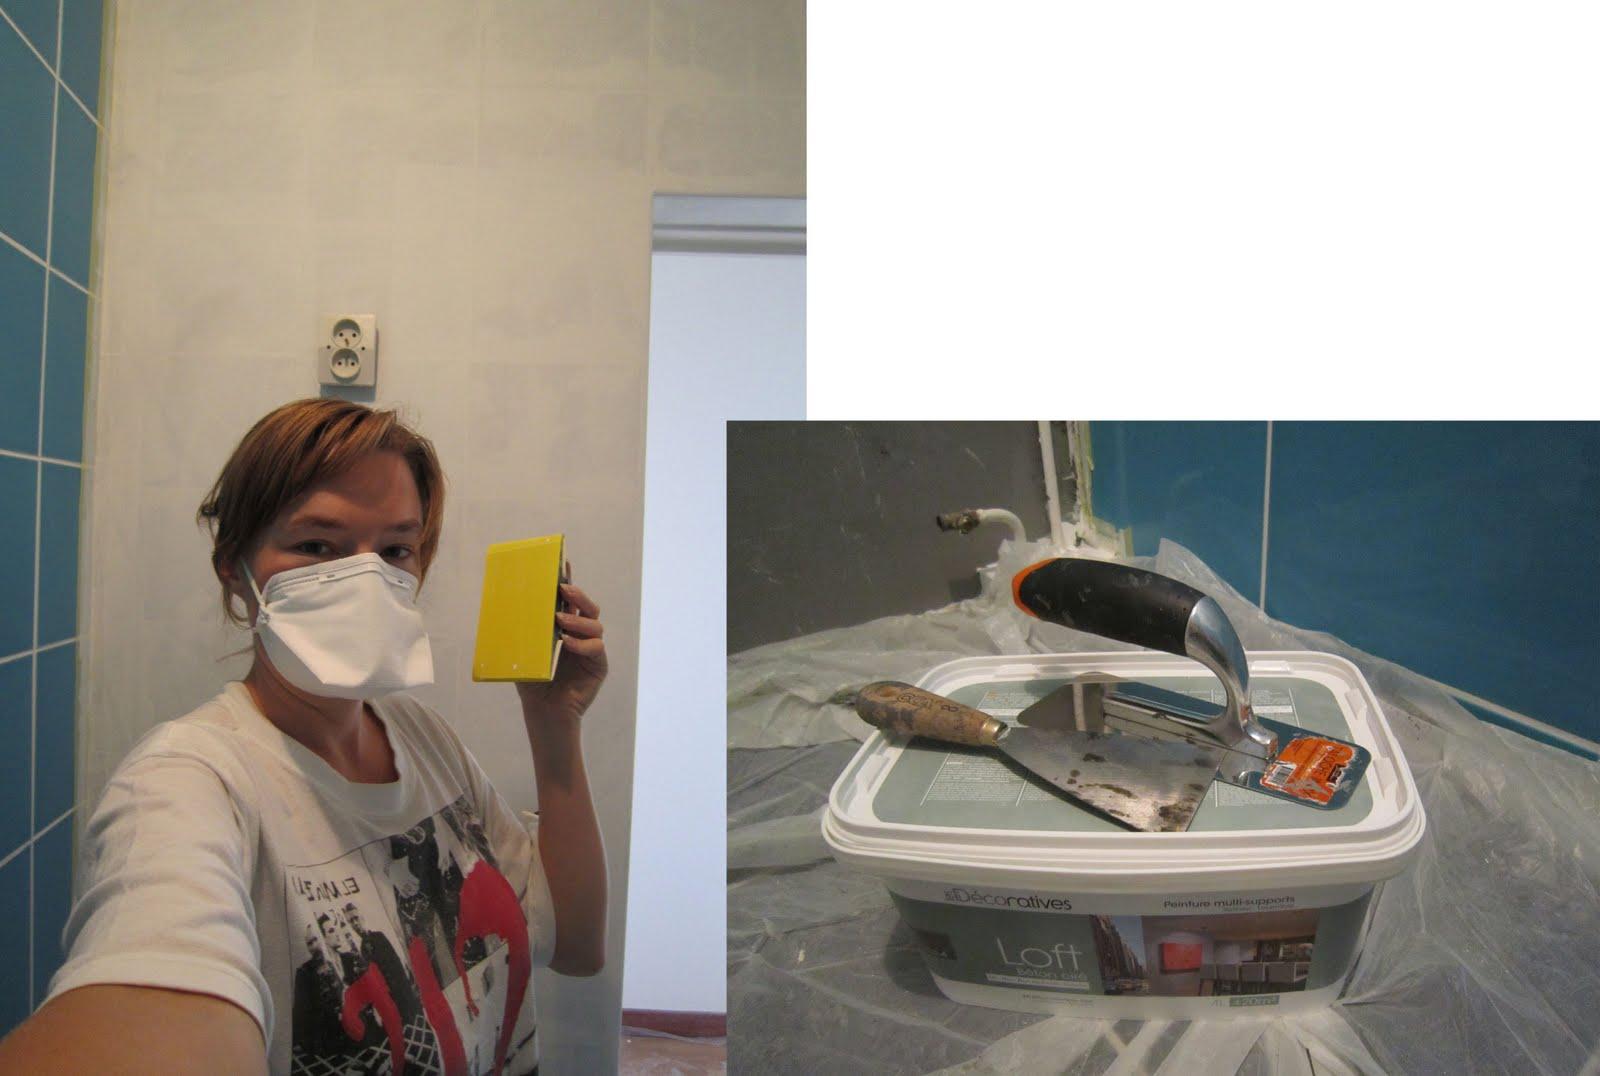 claireobscur: La salle de bain en X étapes